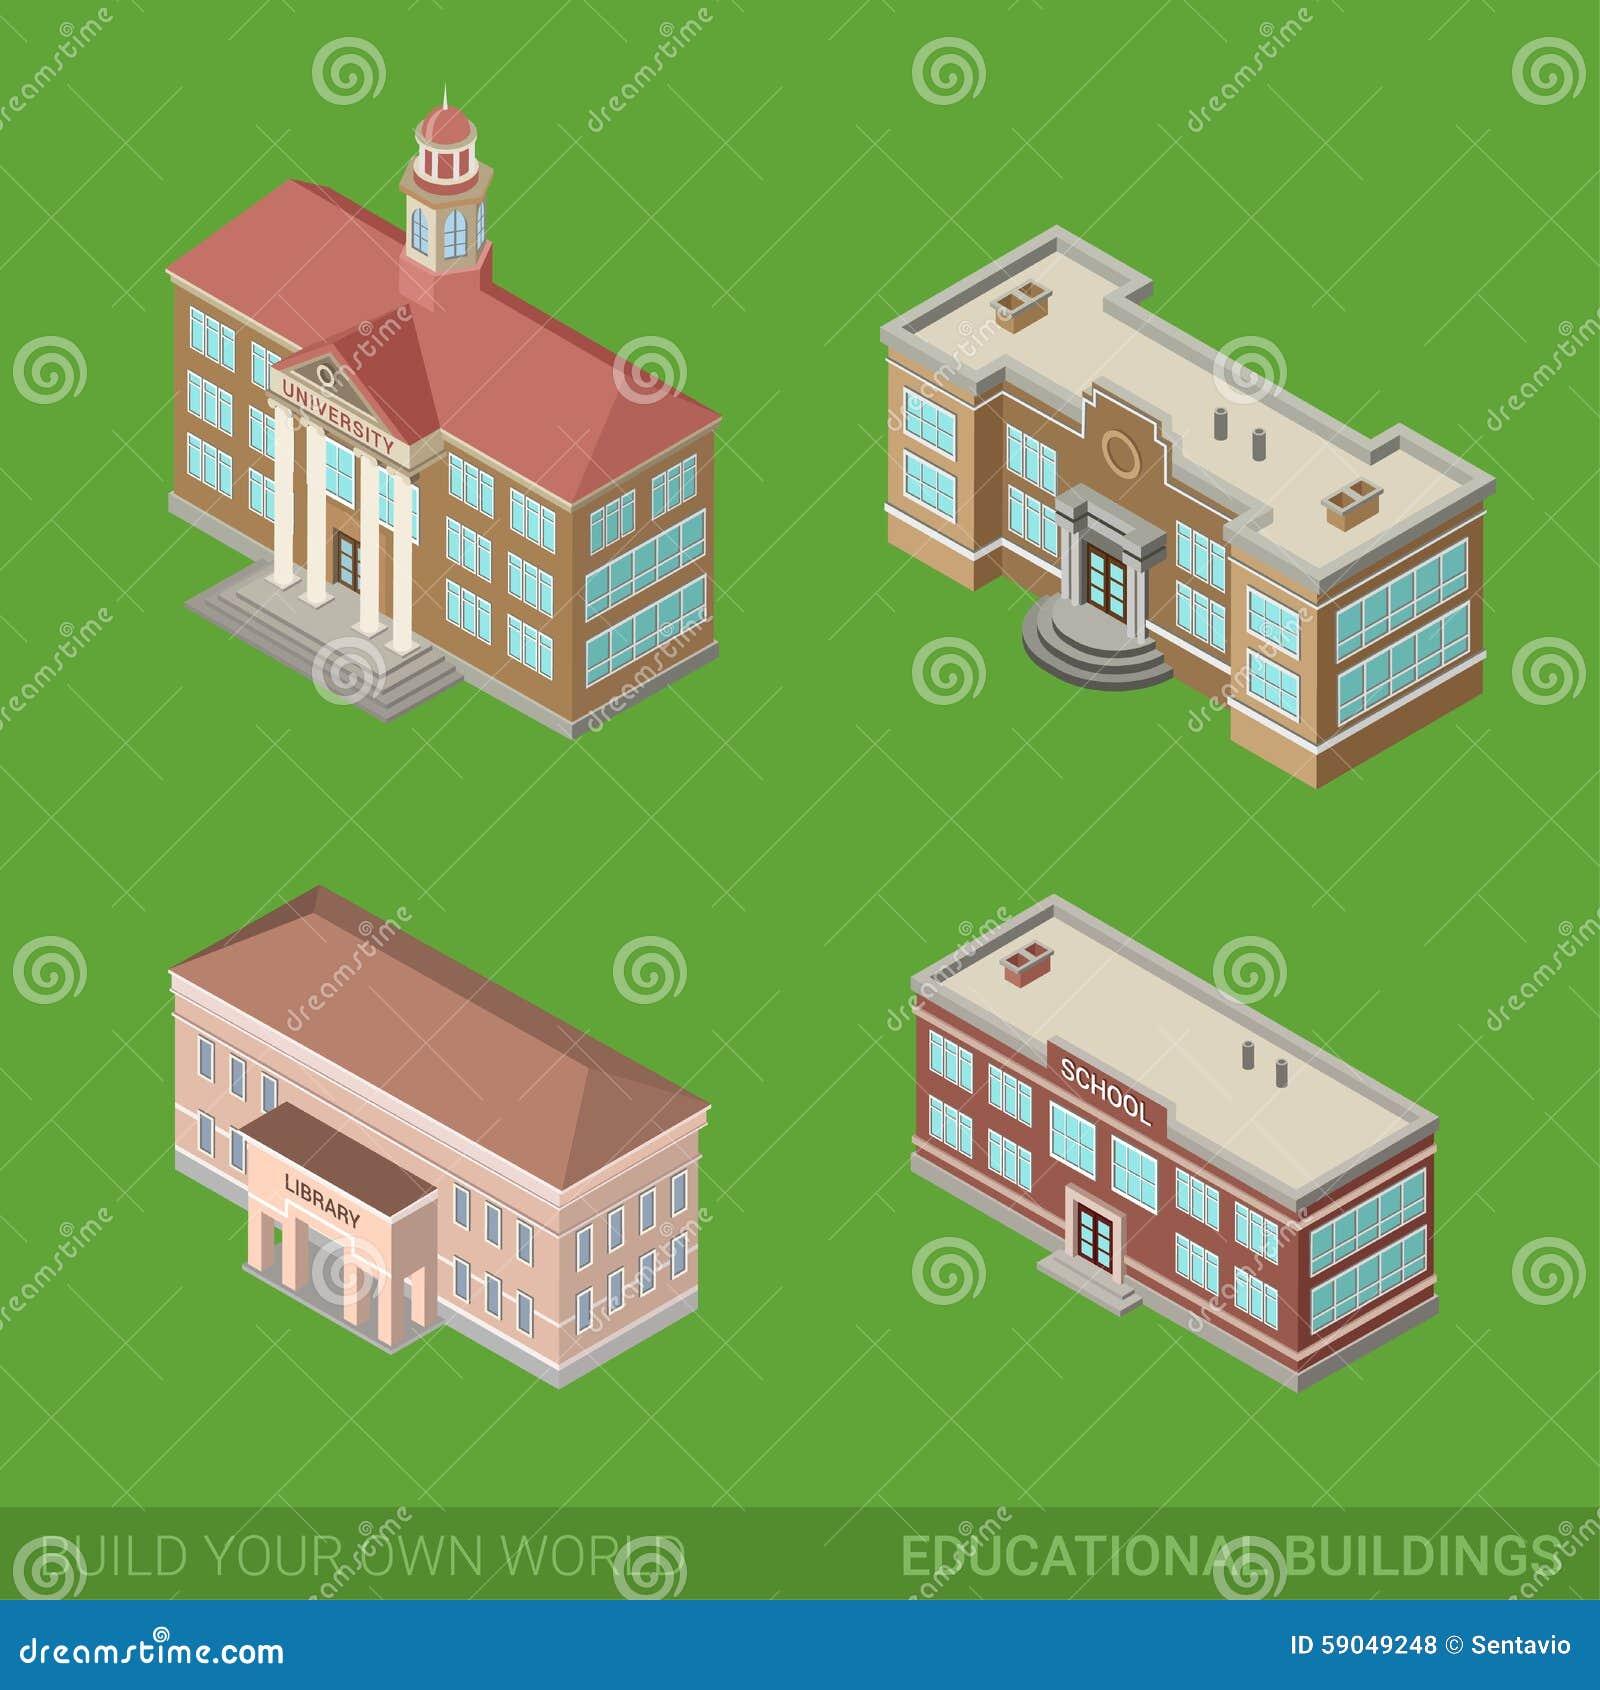 Icona delle costruzioni della città messa: scuola, università, biblioteca